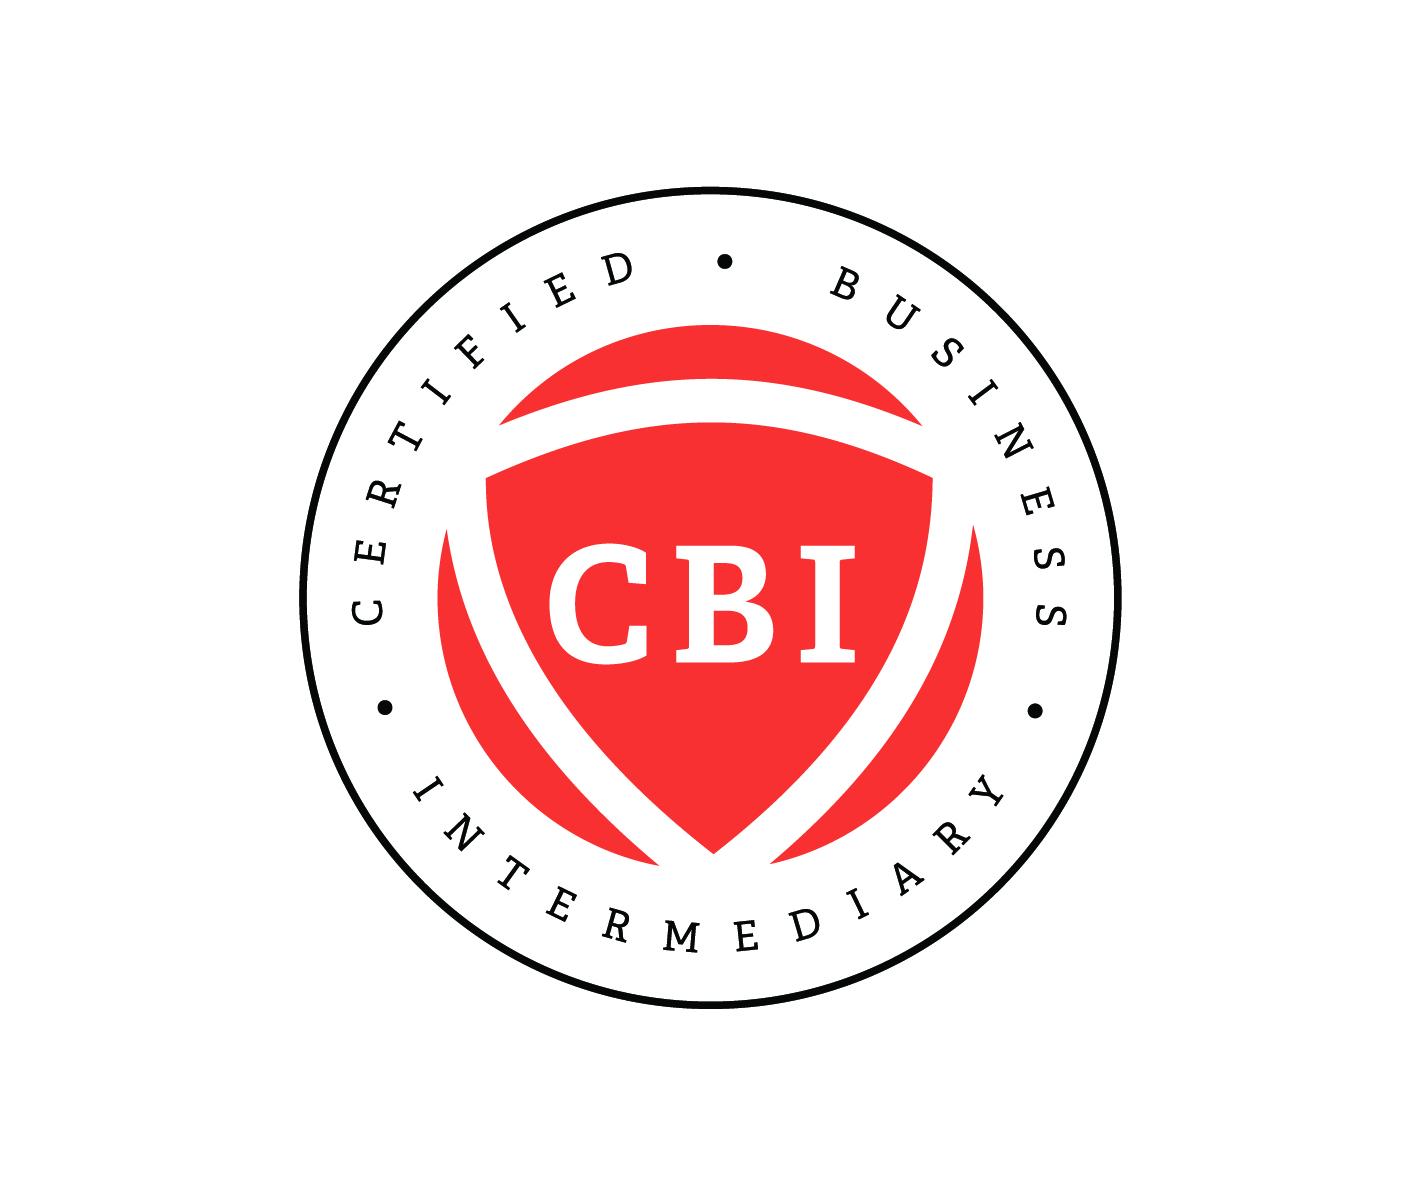 CBI Color Logo Latest.jpg